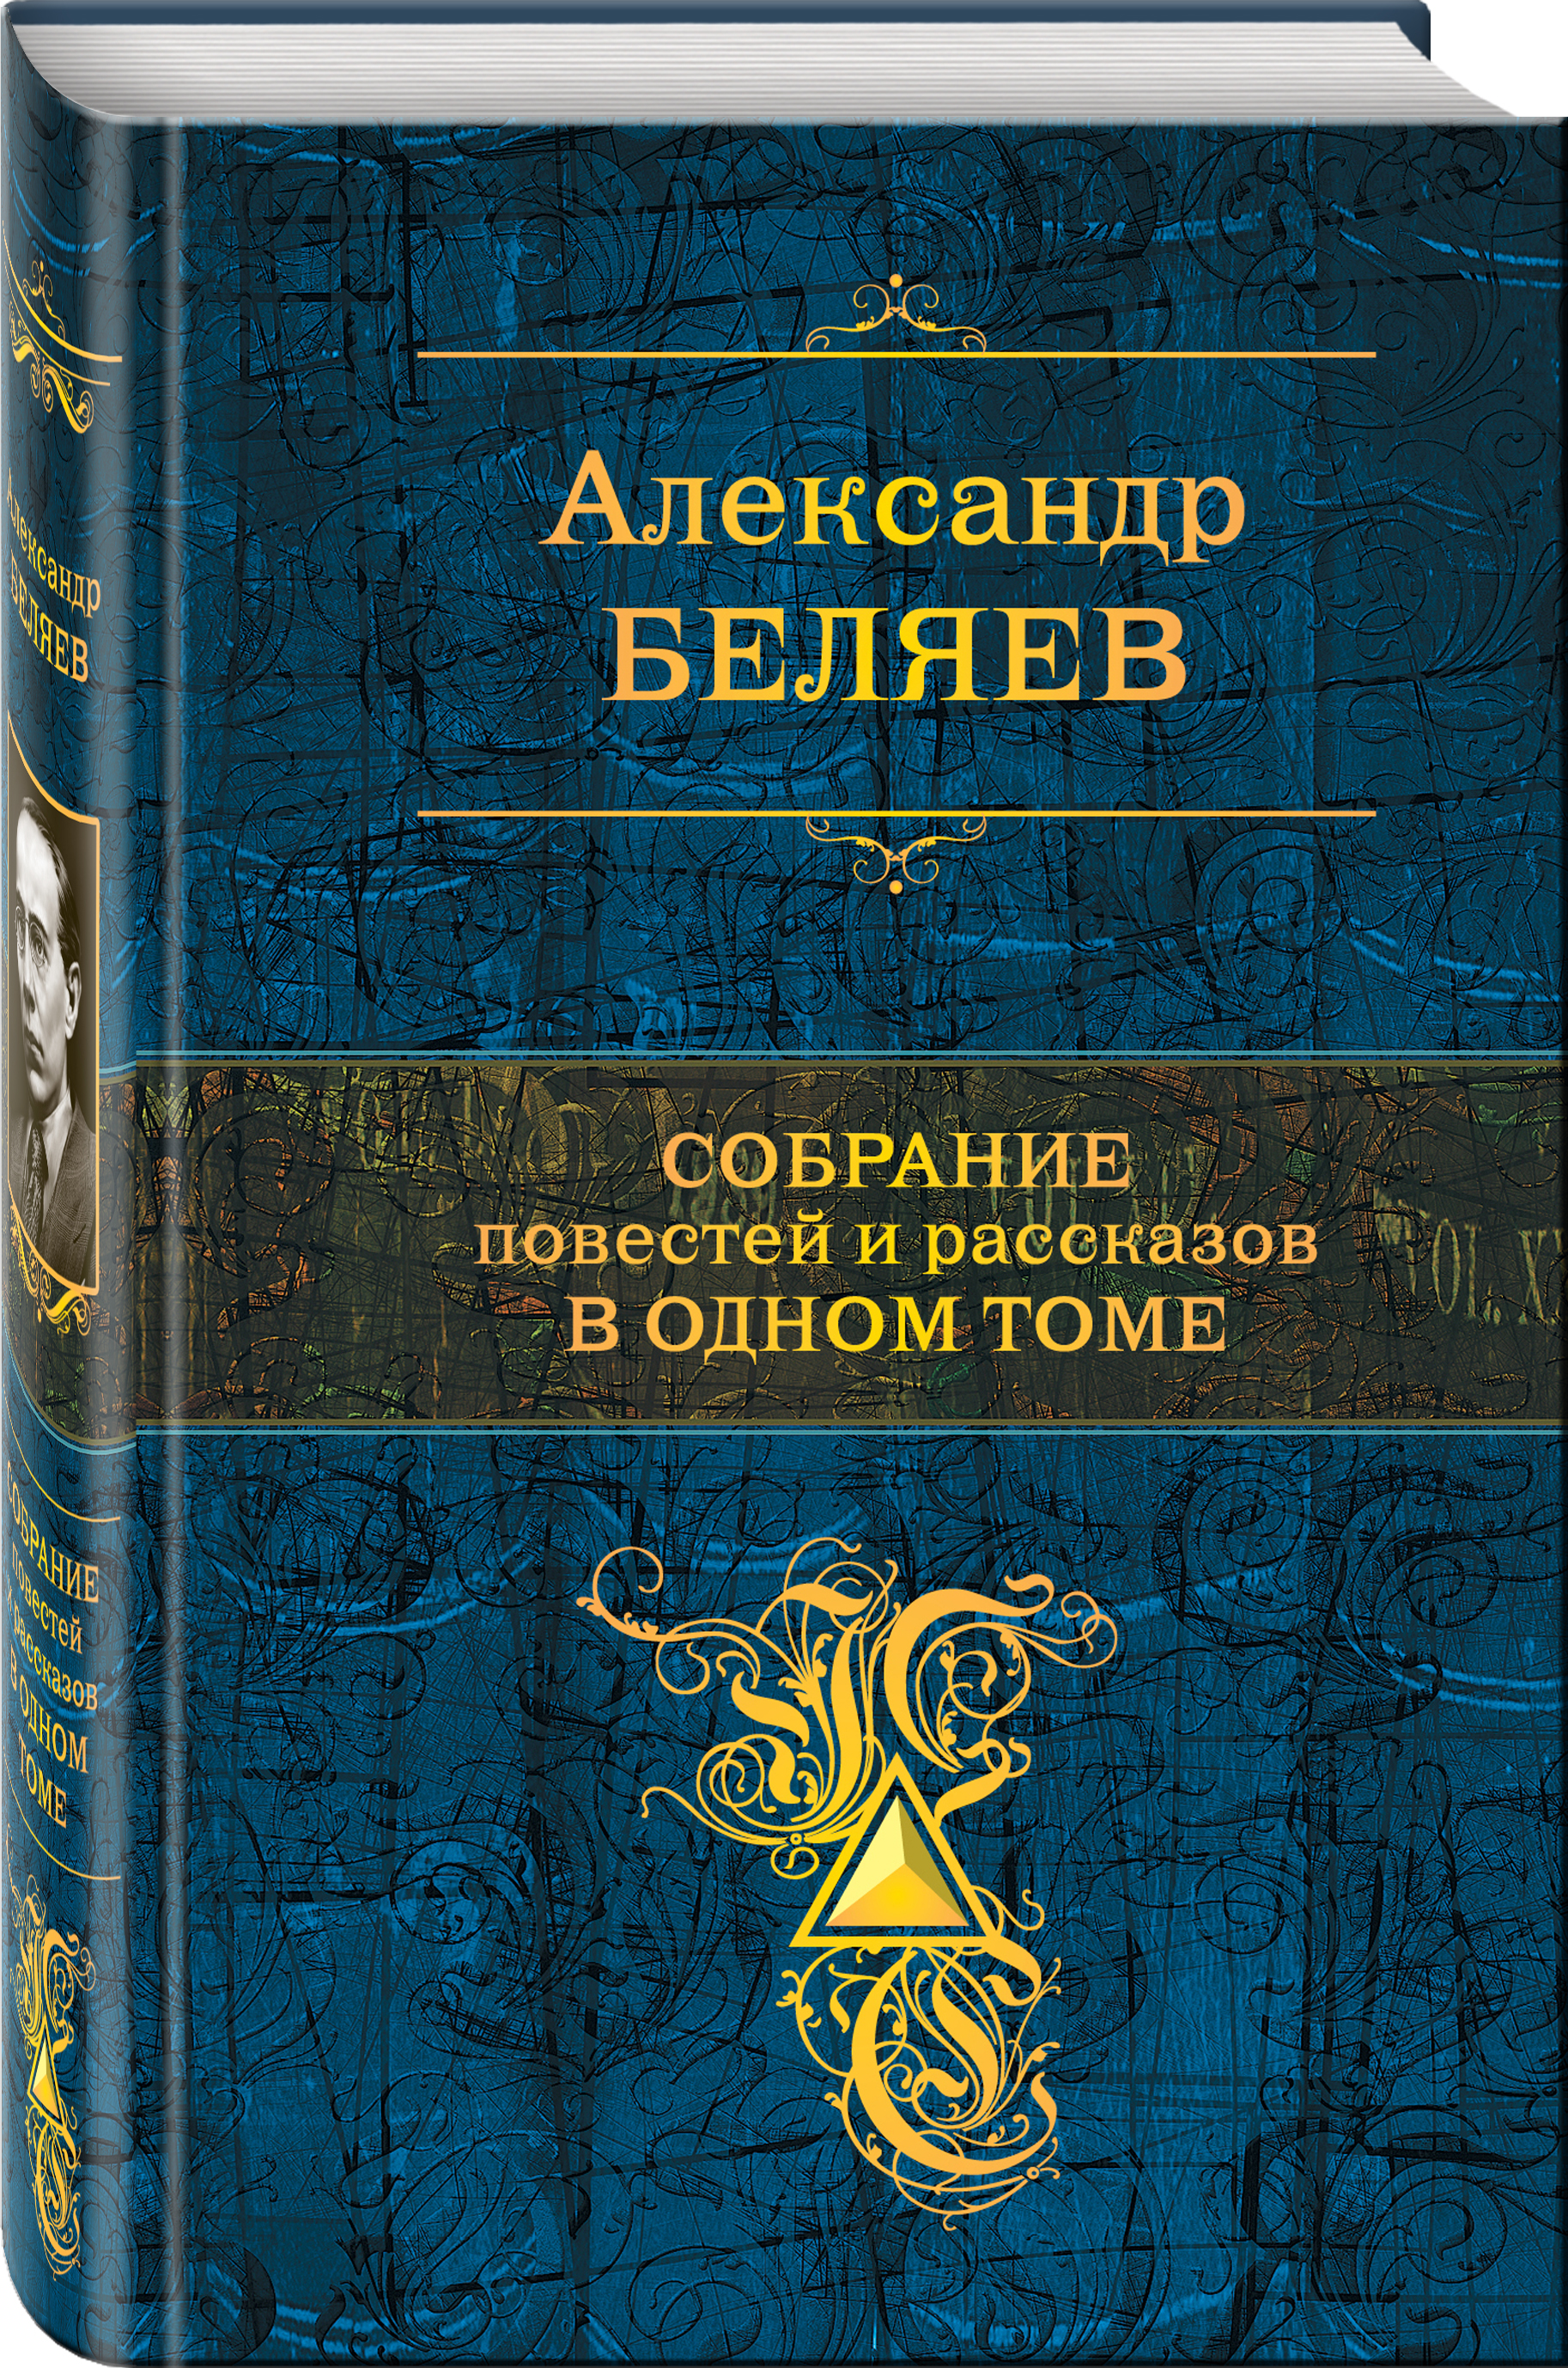 Александр Беляев Собрание повестей и рассказов в одном томе